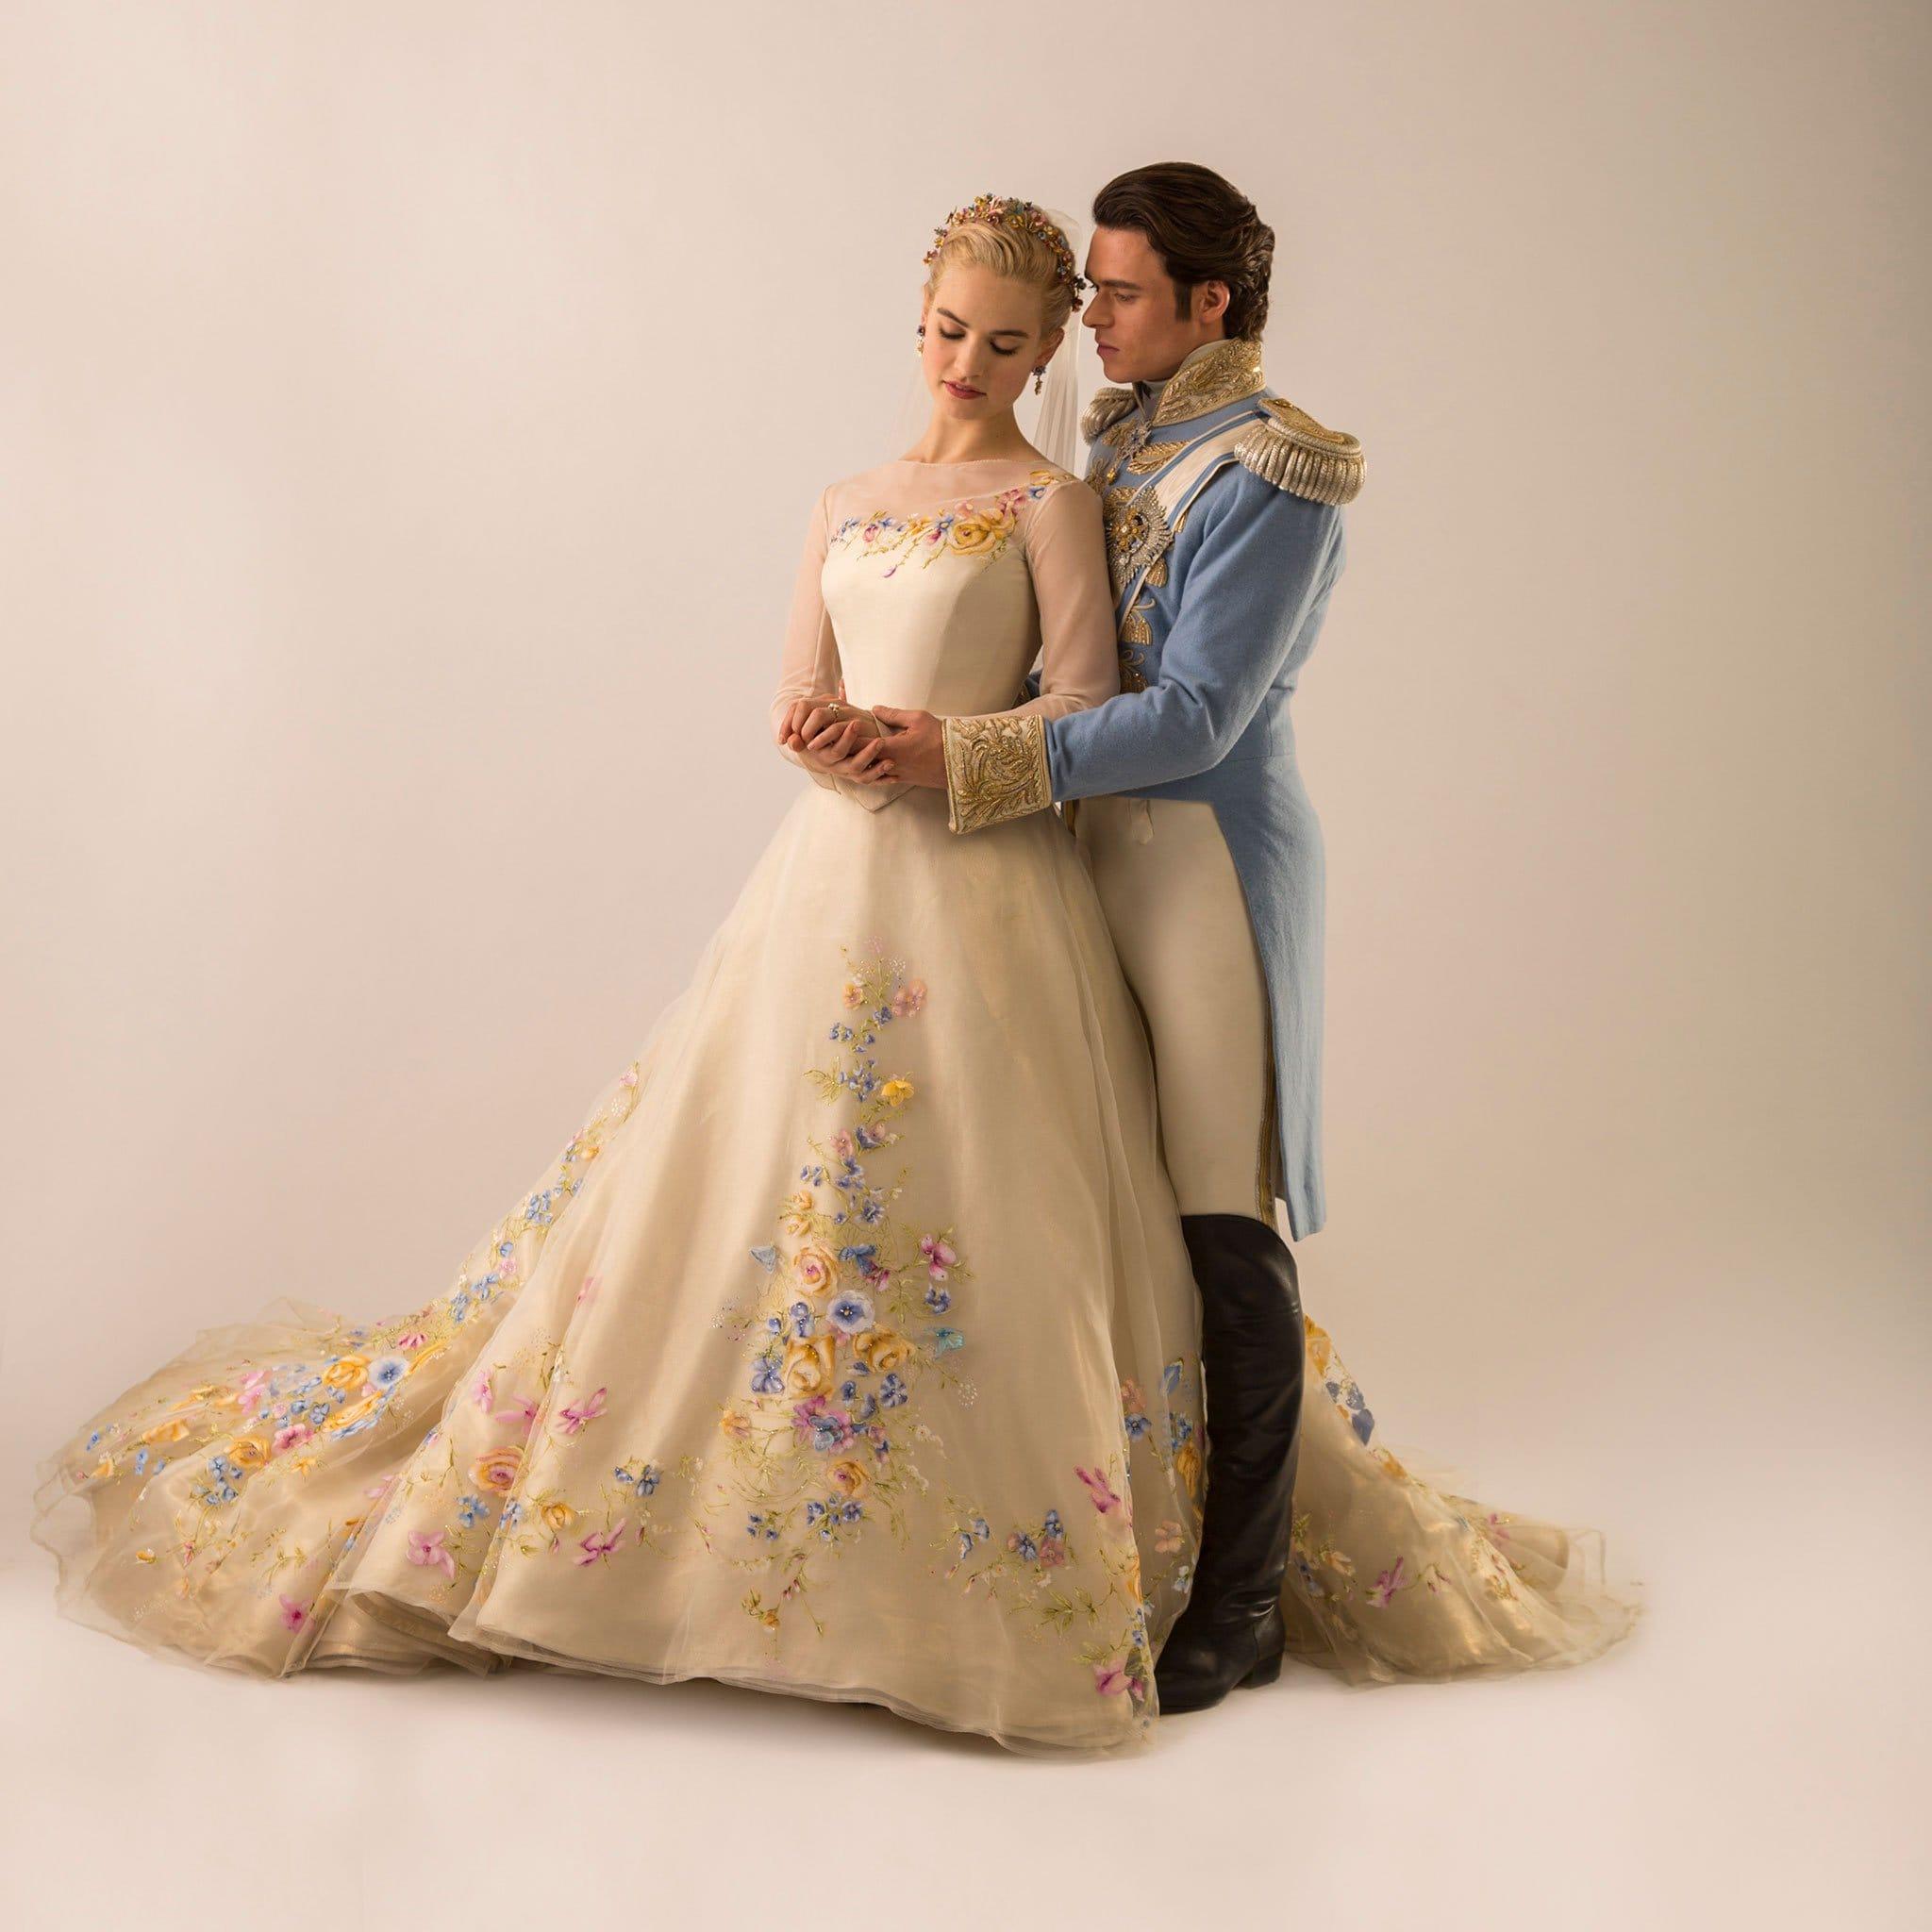 Cinderella HD pics